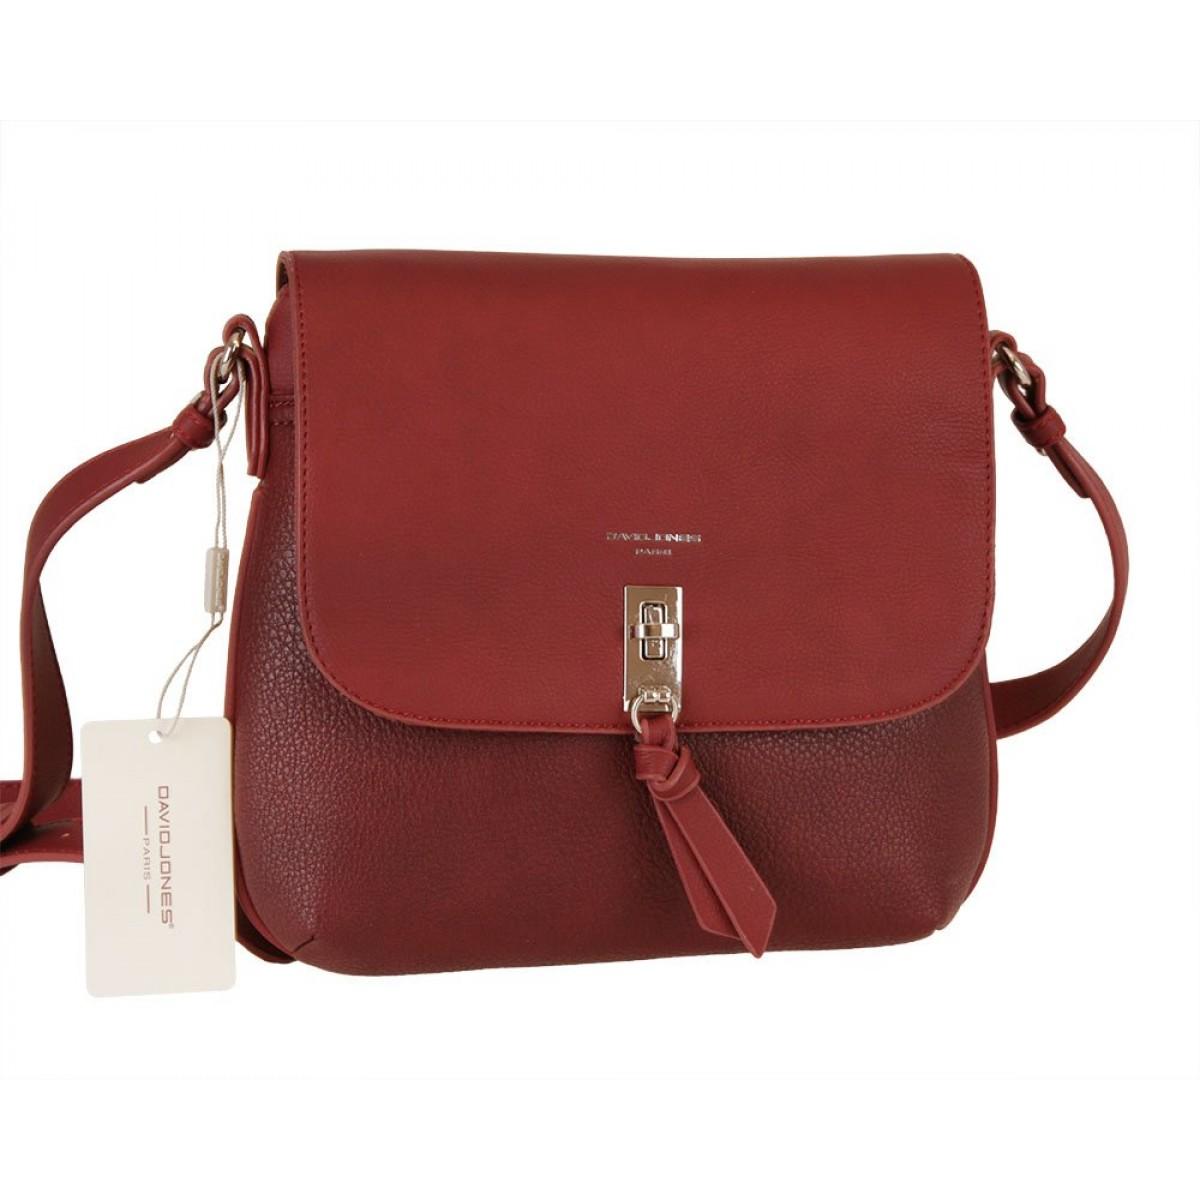 Жіноча сумка David Jones 6425-1 DARK BORDEAUX